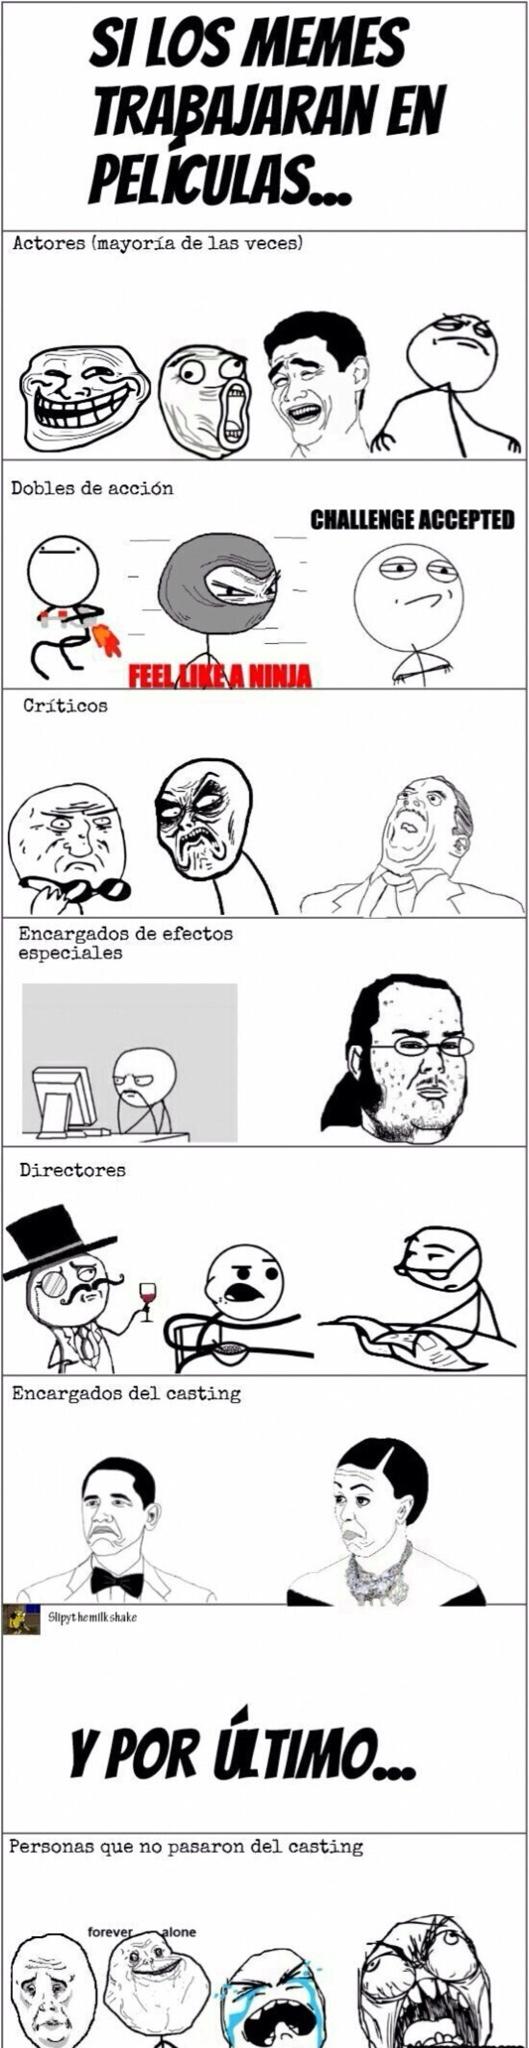 memes en películas